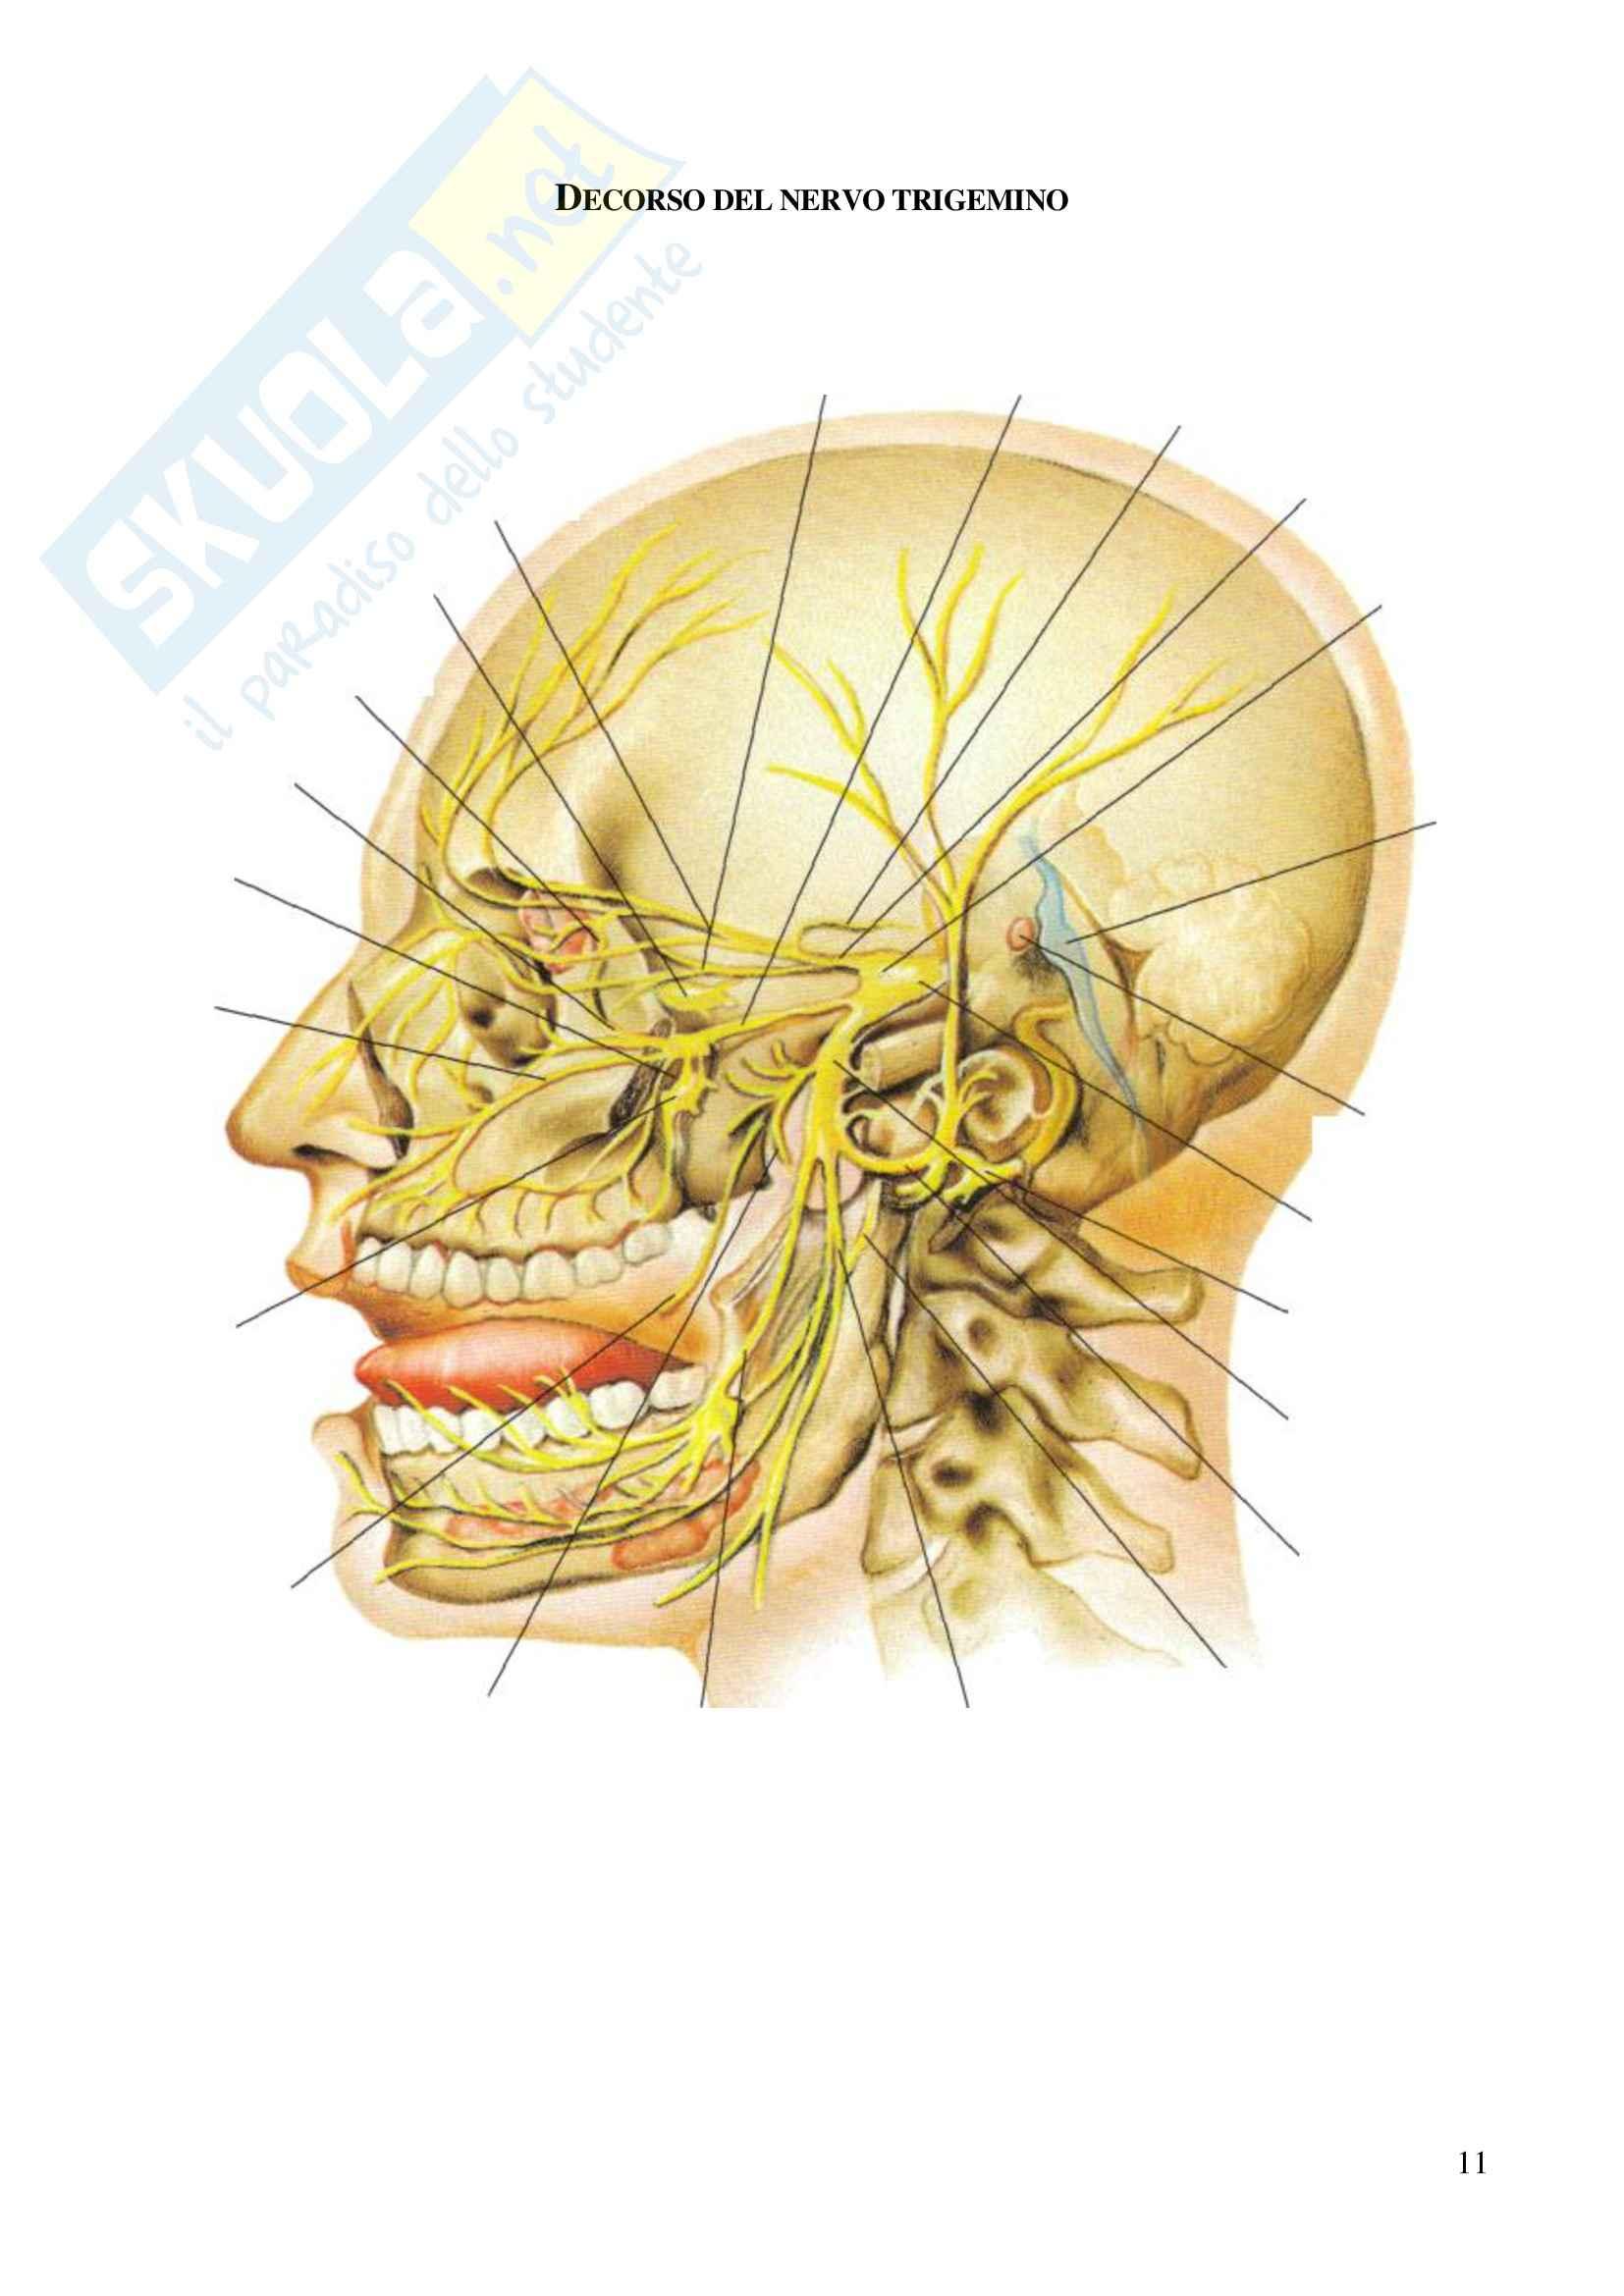 Nervi del cranio, Anatomia dell'Apparato stomatognatico Pag. 11